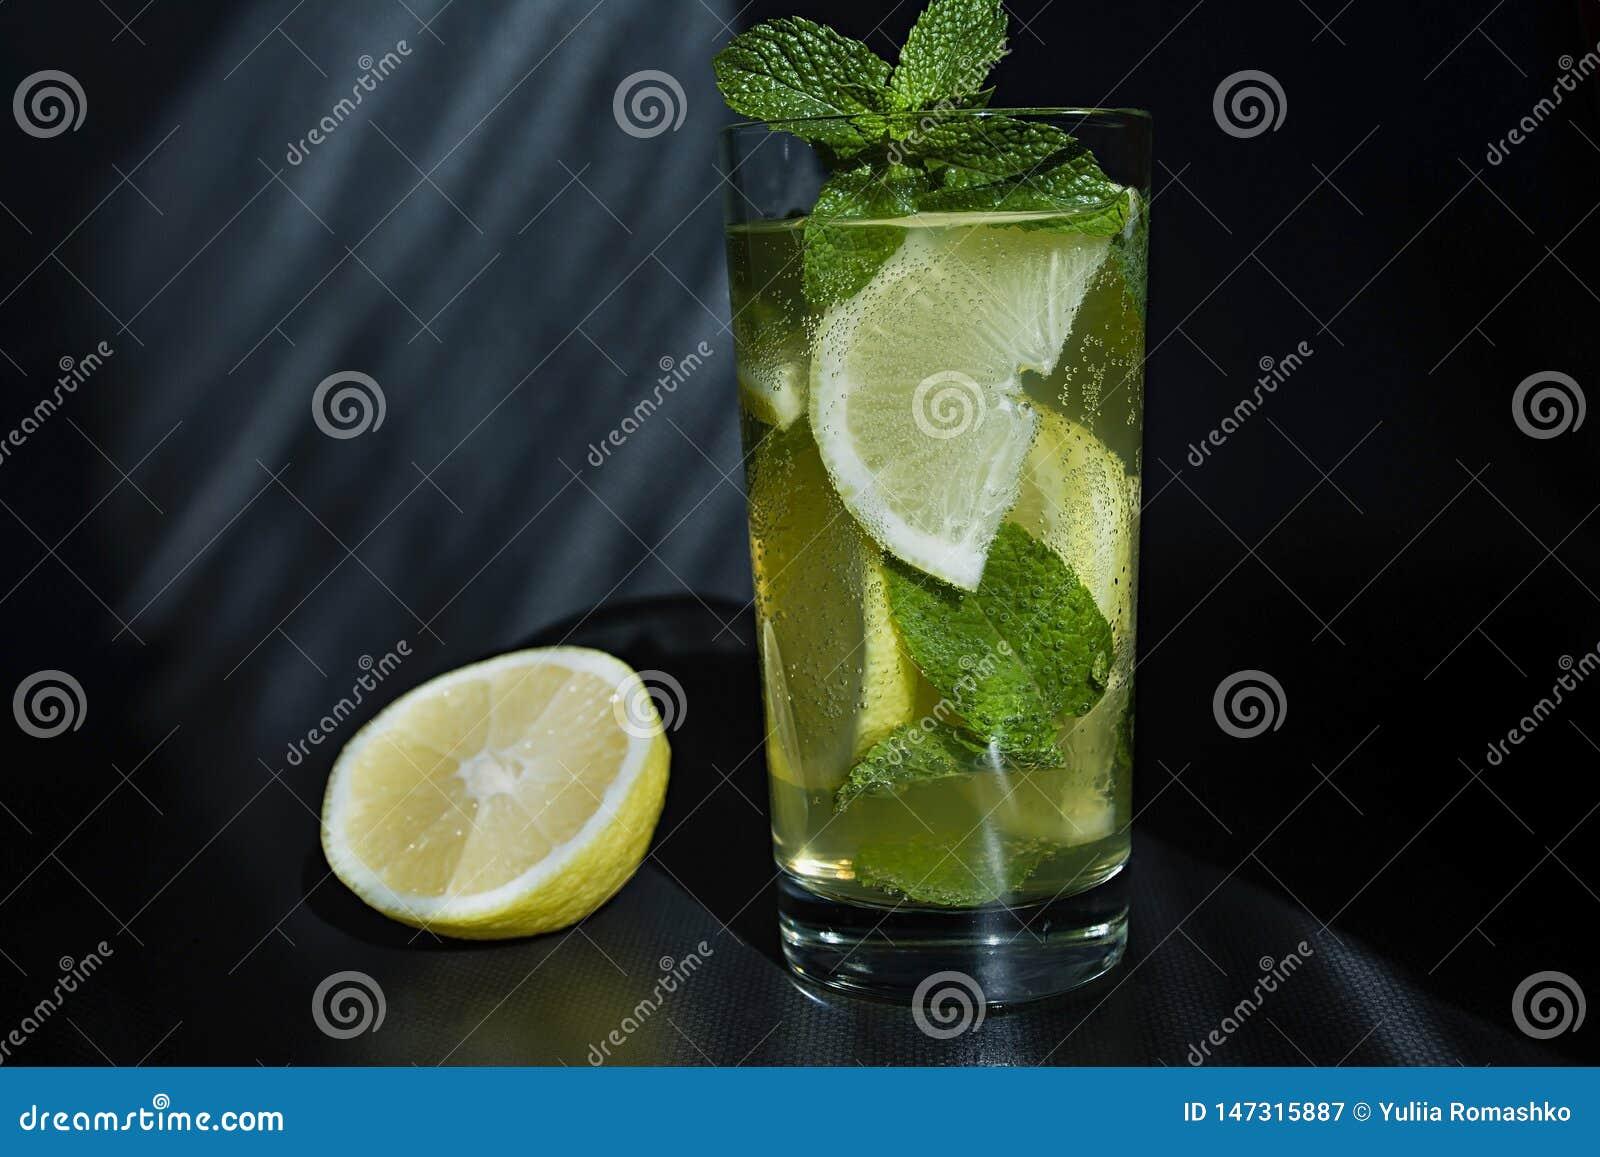 Lemoniada lub mojito koktajl z cytryn?, mennica, zimny od?wie?enie nap?j i nap?j z lodem,